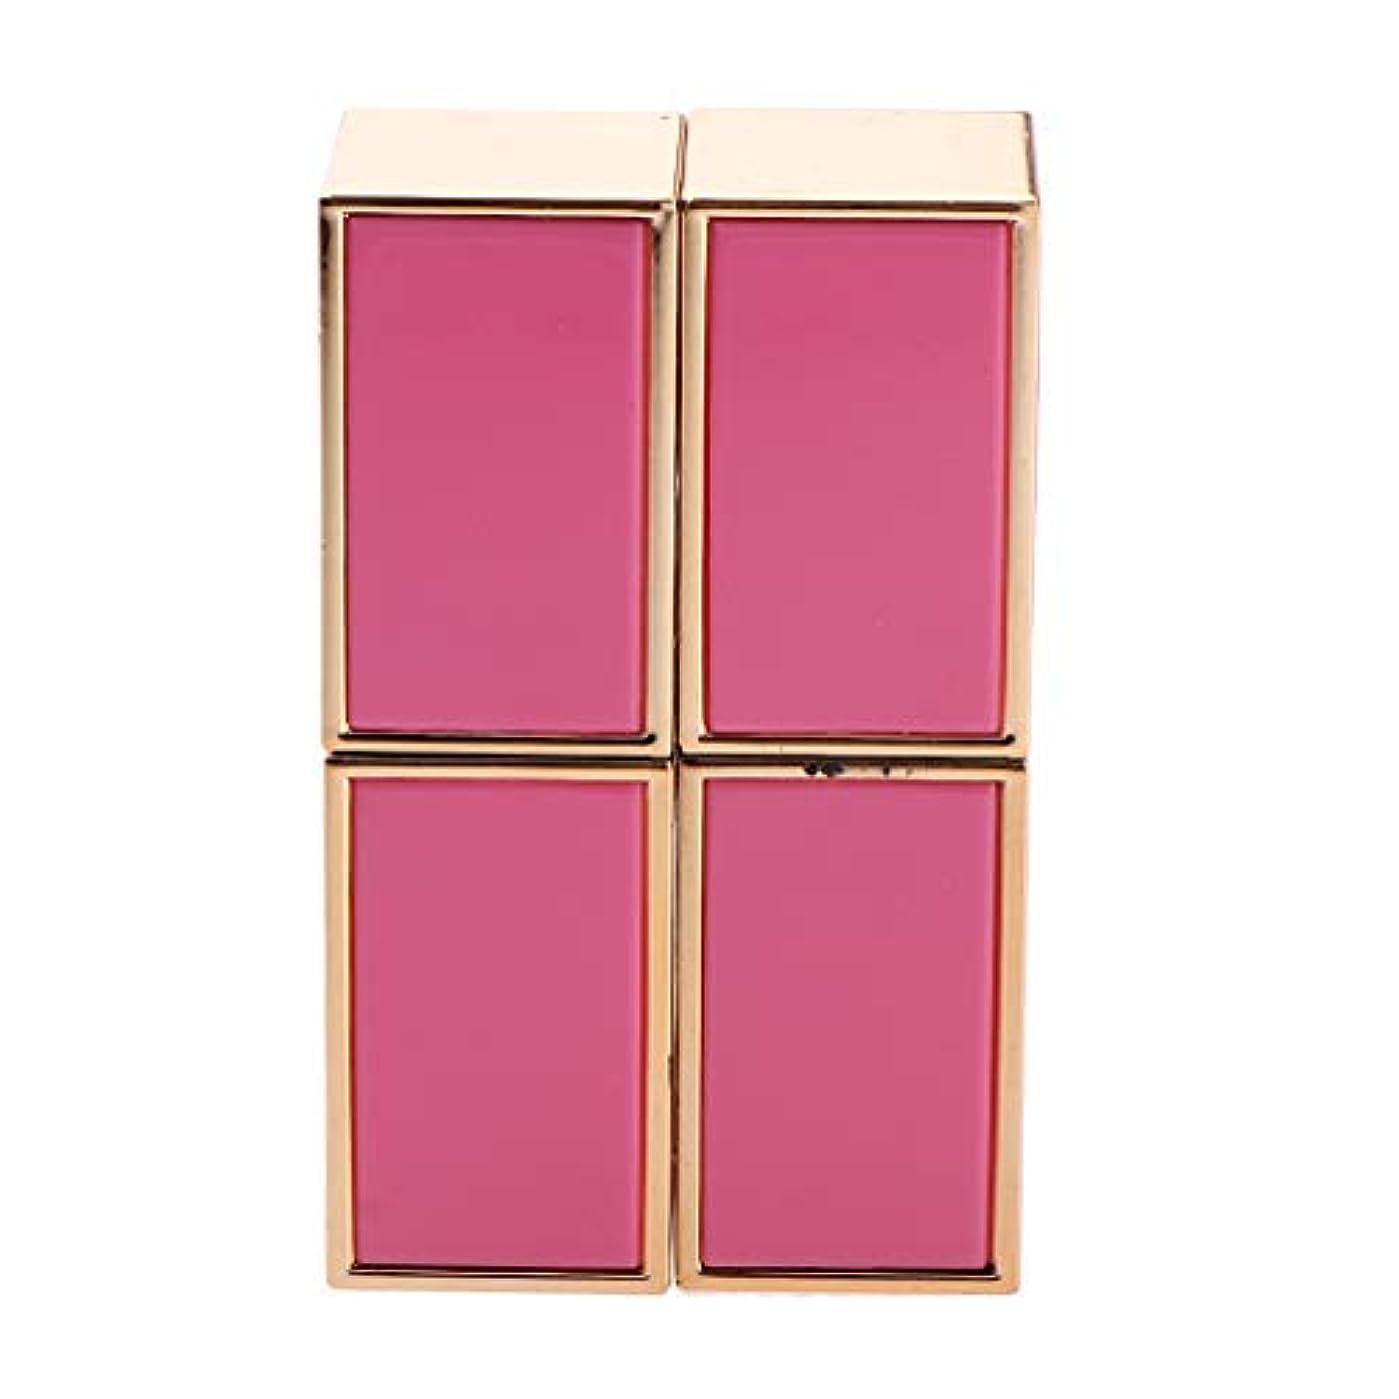 ペアおじさんまだら2本 口紅管 口紅チューブ DIY リップバーム/リップスティック 手作り化粧品 2色選べ - ピンク